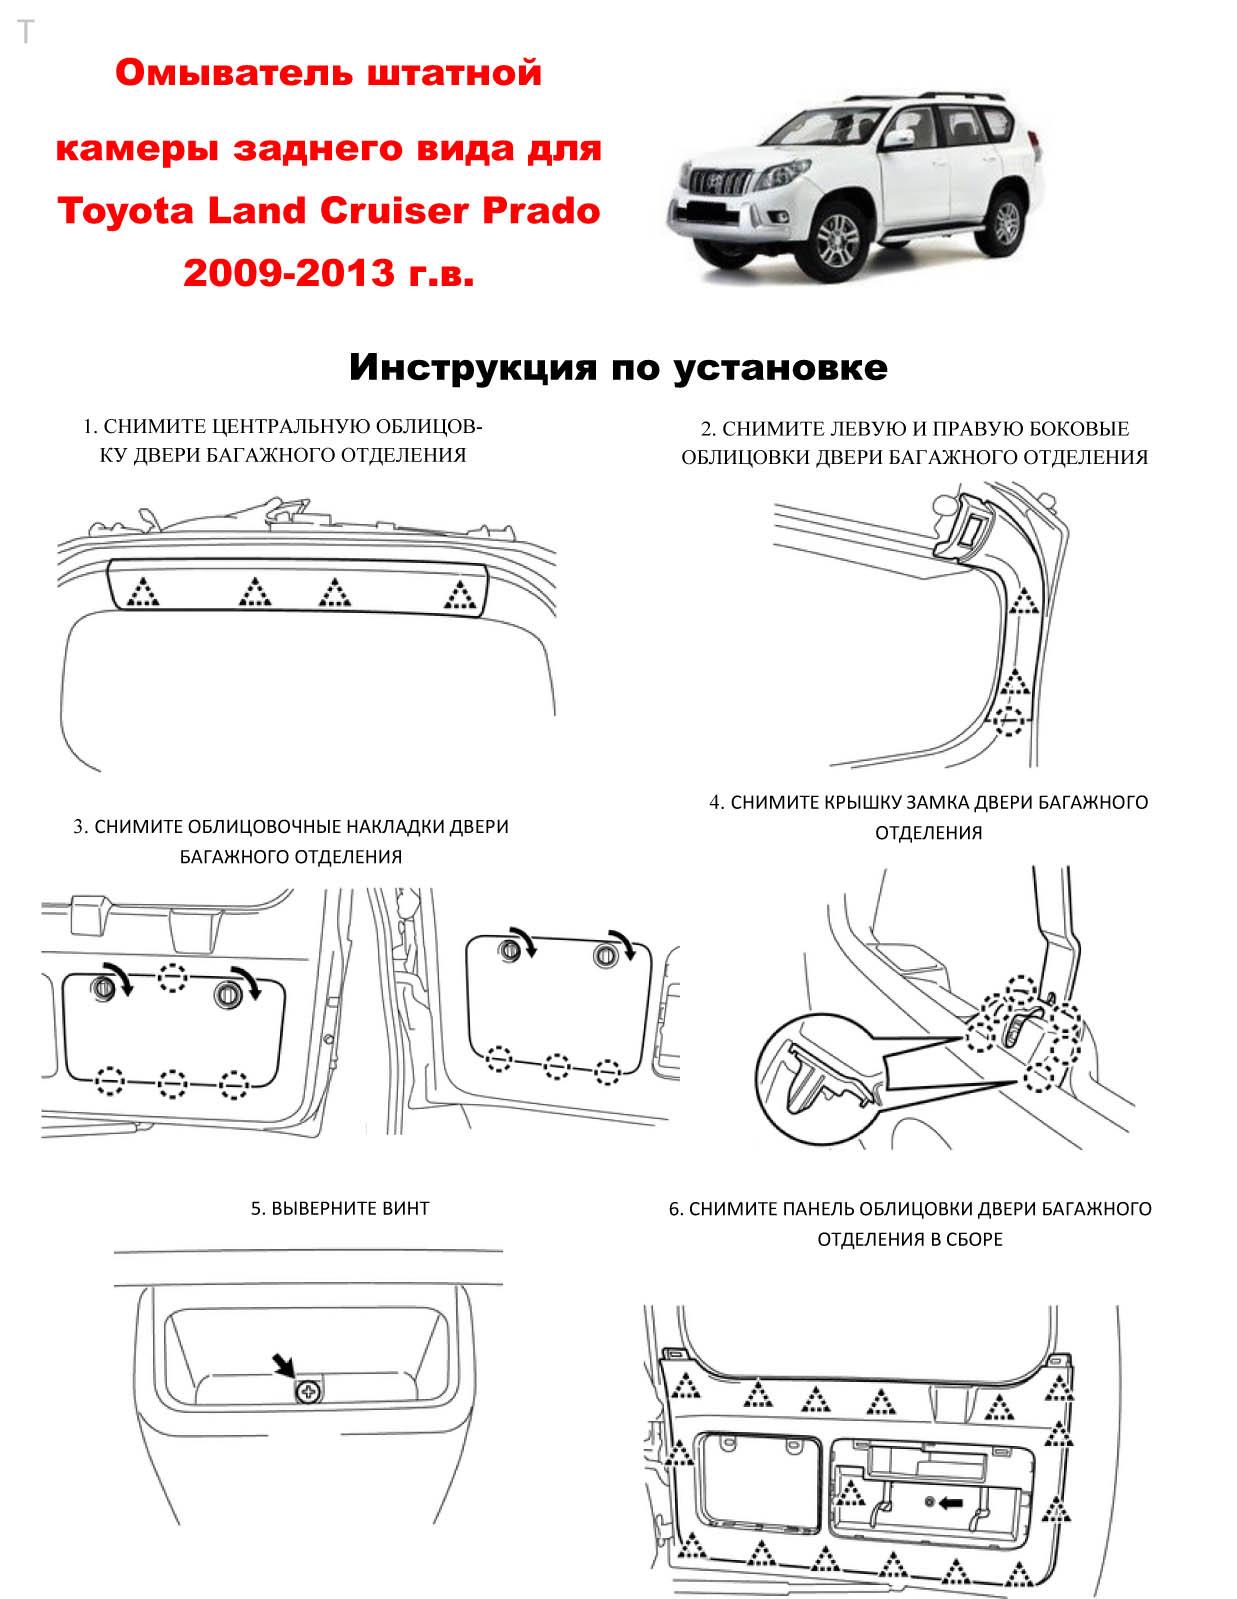 Инструкция по установке омывателя камеры заднего вида для Toyota Land Cruiser Prado 150 2009 - 2013